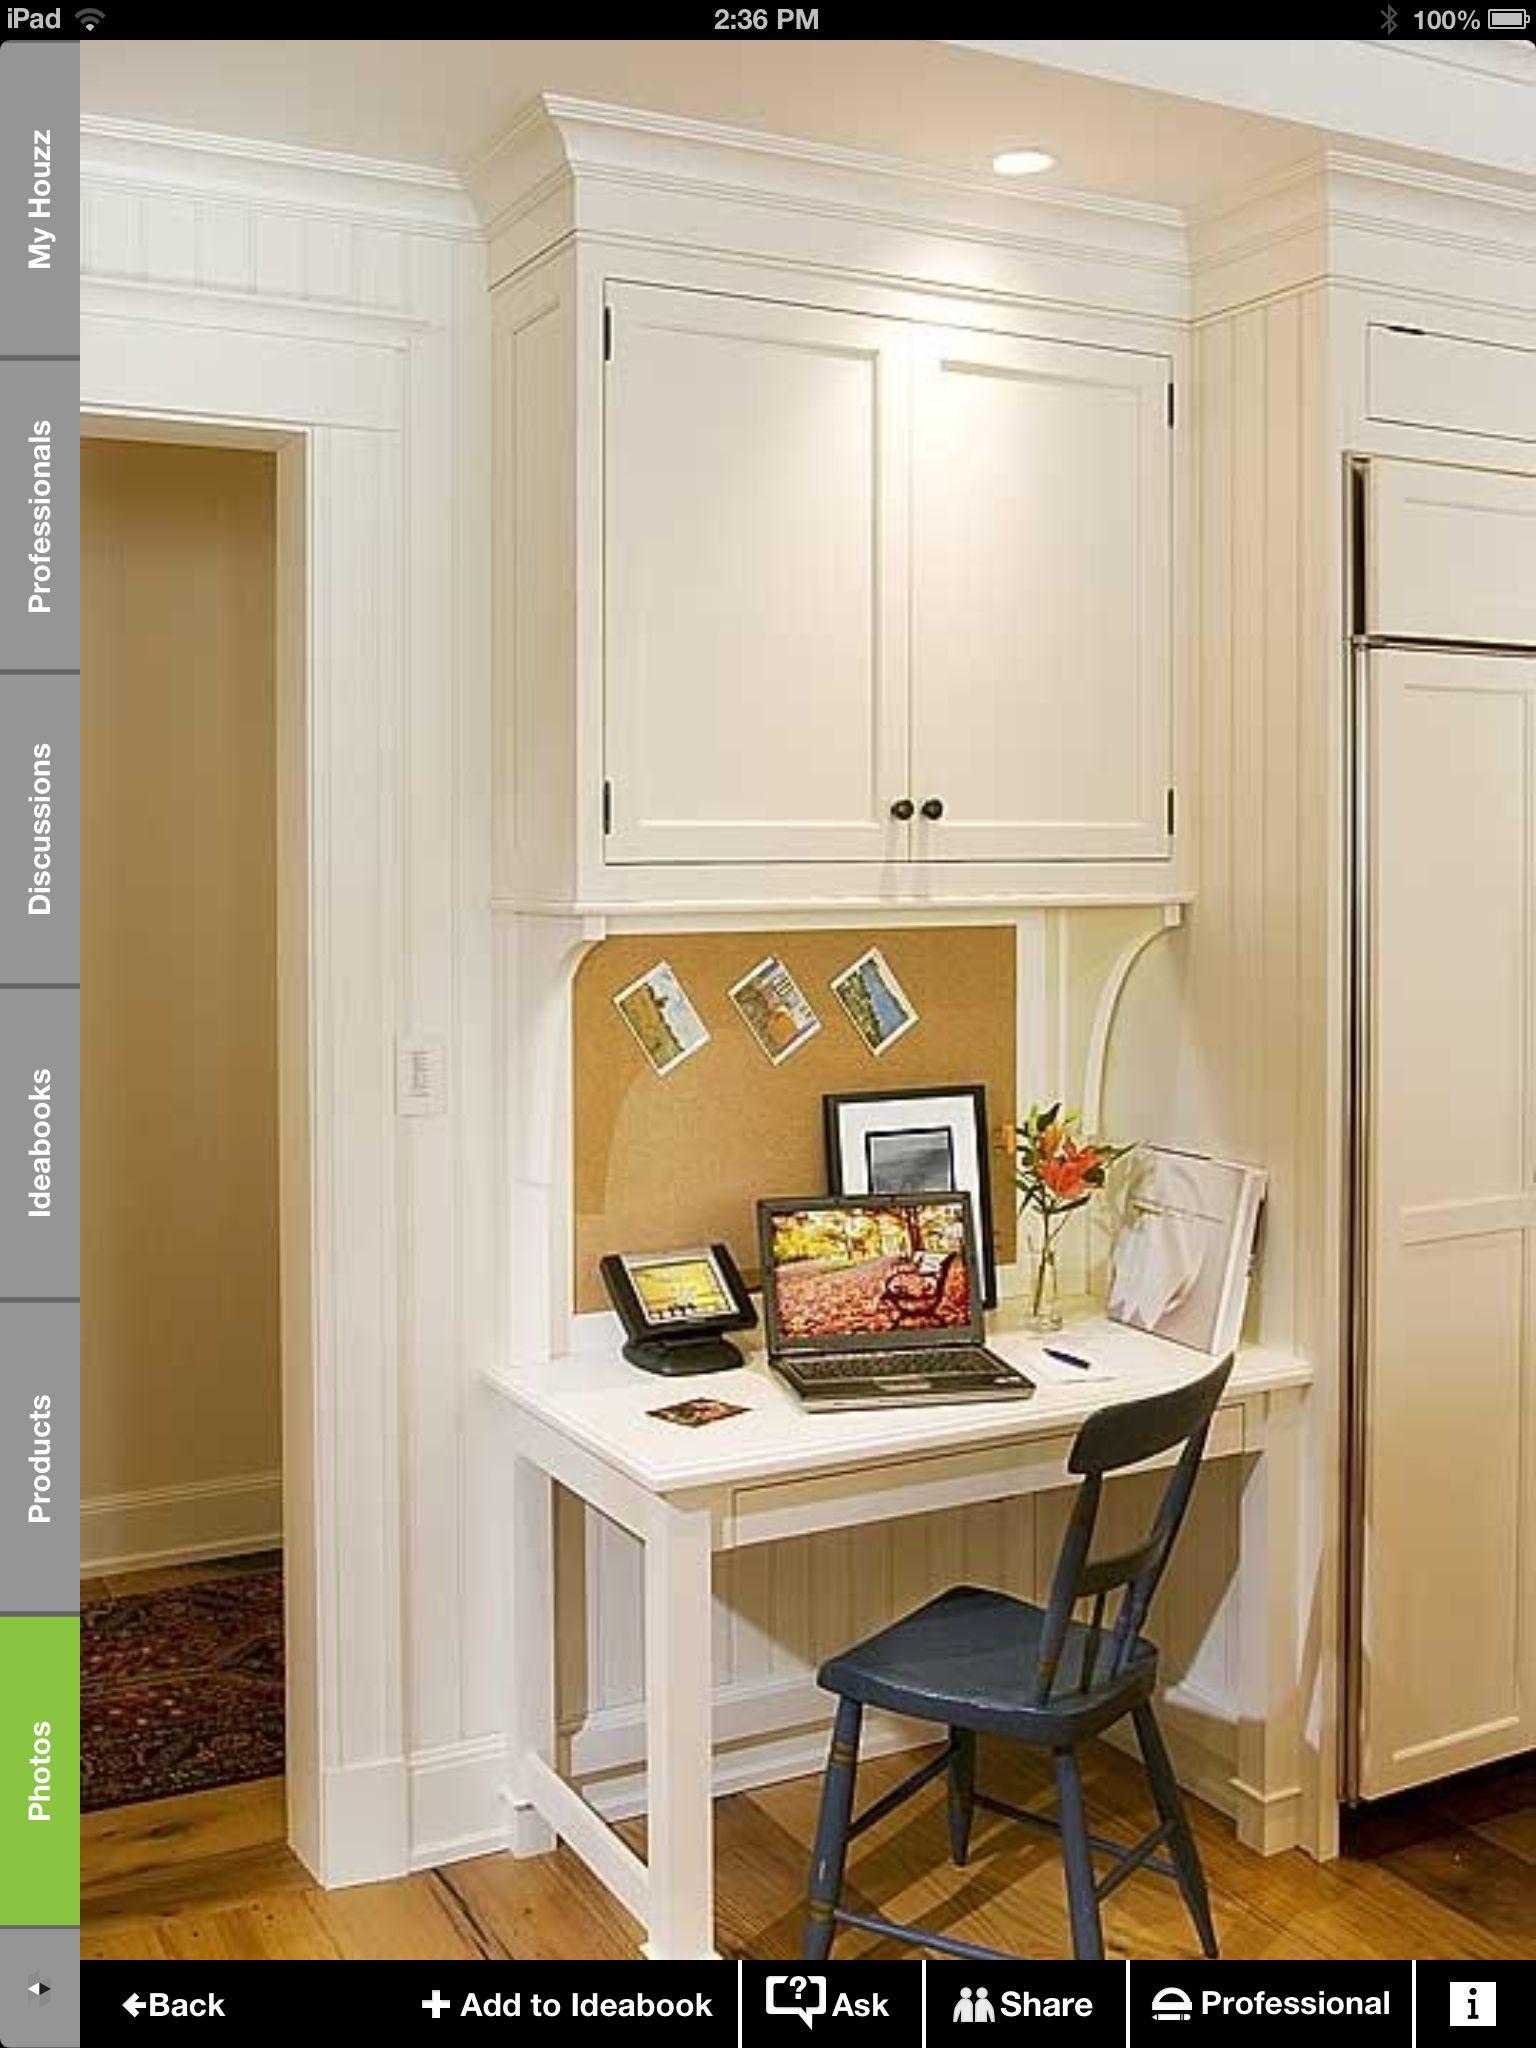 Small Kitchen Desk  Small kitchen desk Future Home Ideas